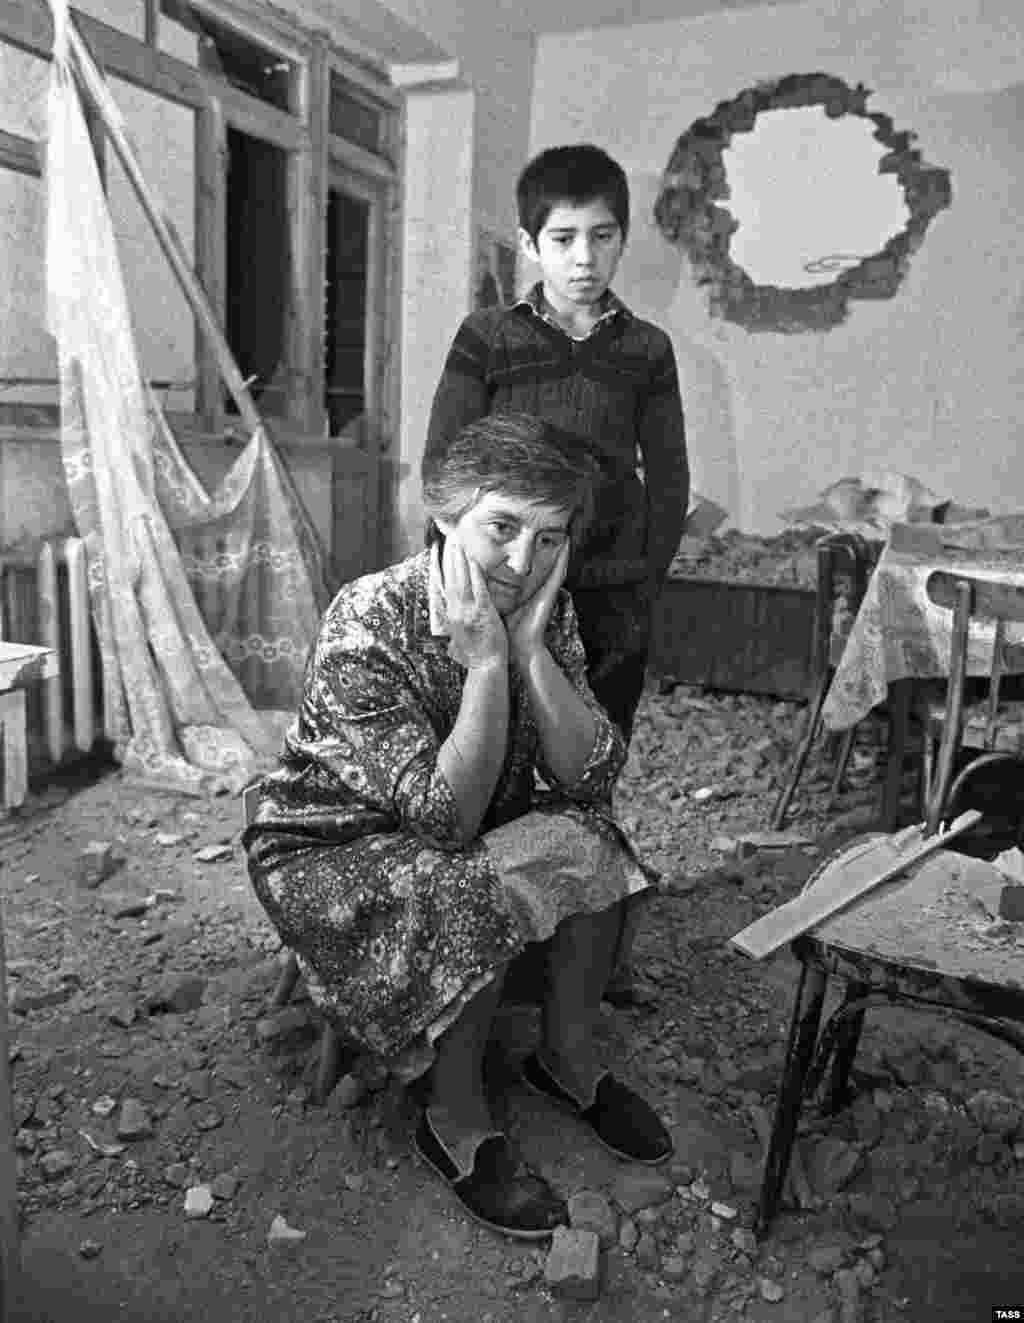 """Egy súlyosan megrongált otthon és lakói az 1991-es orosz-grúz konfliktus kirobbanásakor. A Szovjetunió összeomlásakor kirobbanó összecsapásokat a """"legértelmetlenebb"""" háborúnak titulálták, amelynek hatásai a mai napig érzékelhetőek a térségben."""